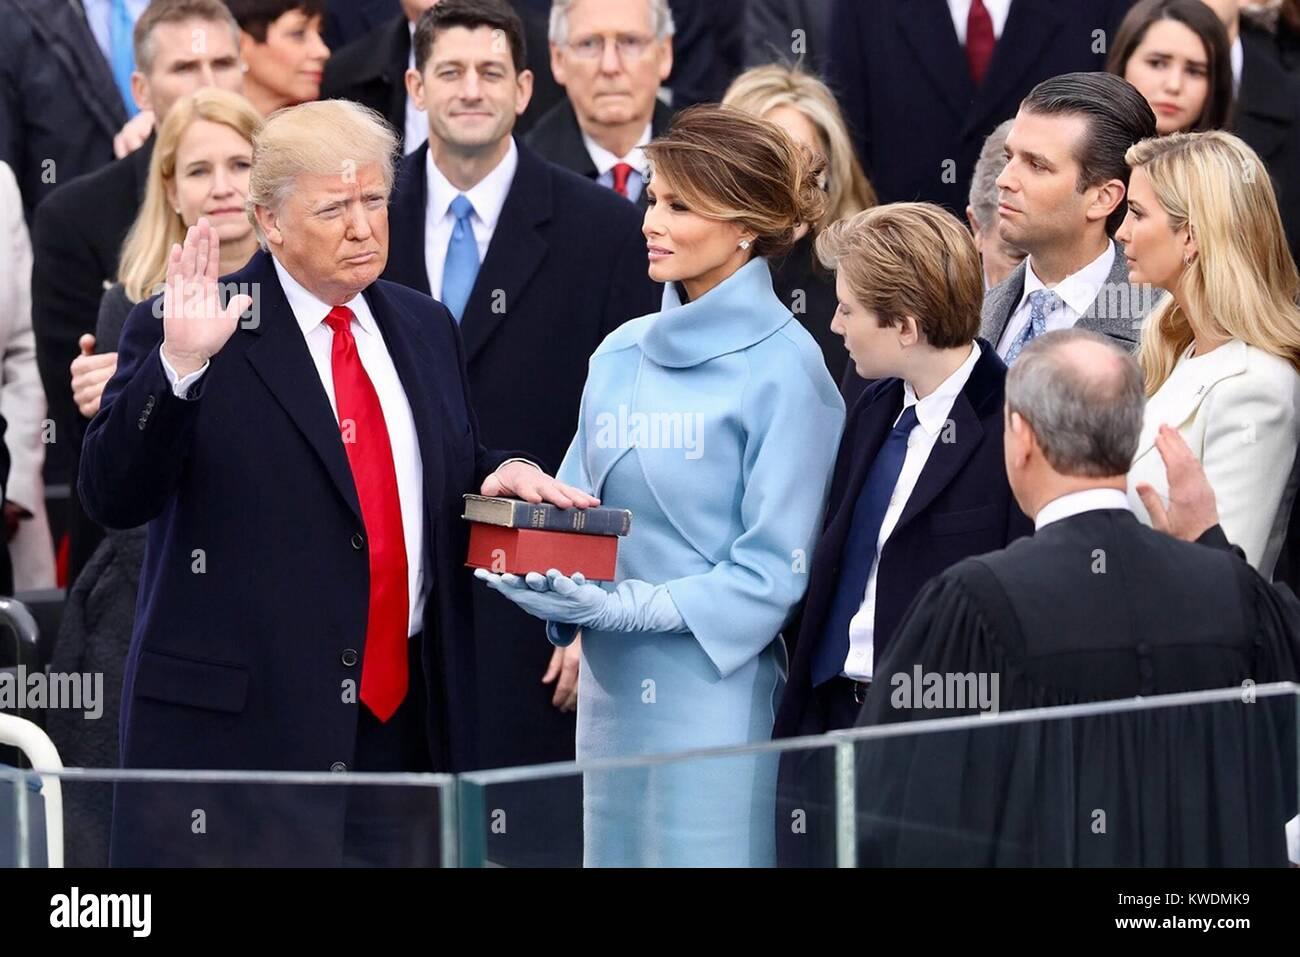 Donald Trump ist der amtseid die Nationen 45th Präsident, Jan. 20, 2017 zu werden. Seine Frau Melania die Lincoln Stockbild